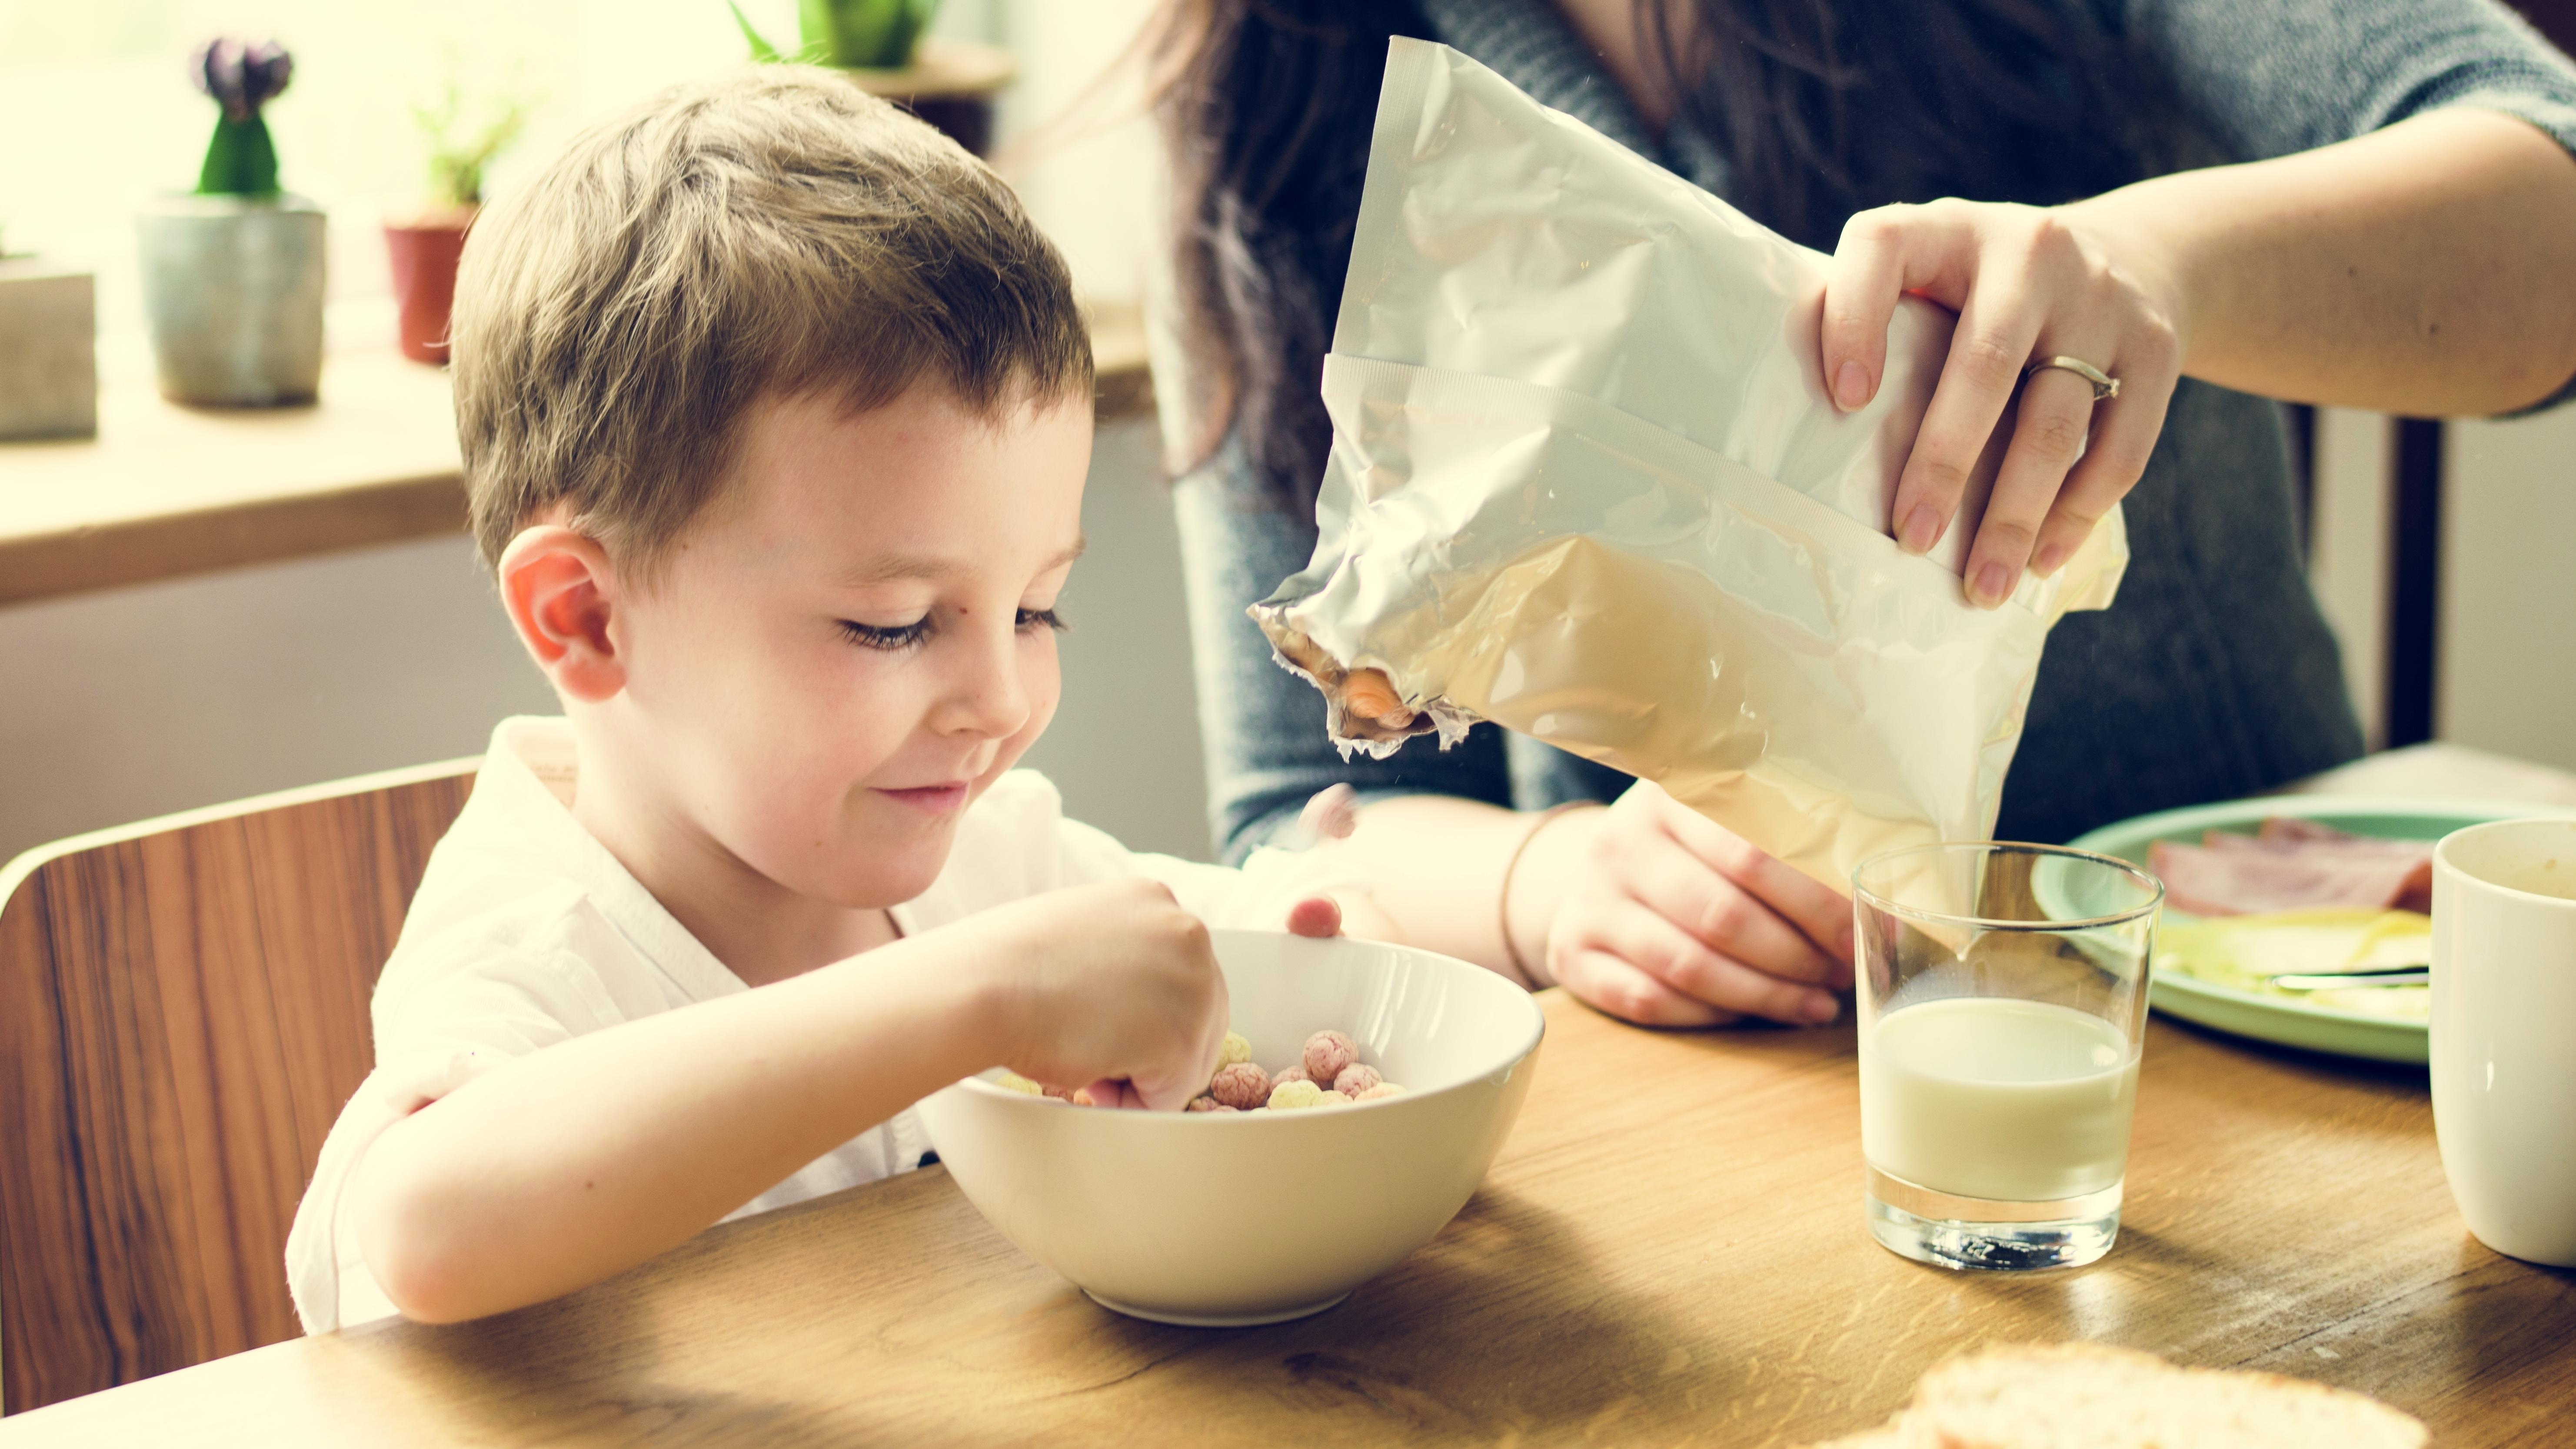 Gluteintolerans är ärftligt. Ett självtest på apotek kan hjälpa dig ta reda på om du är gluteintolerant.